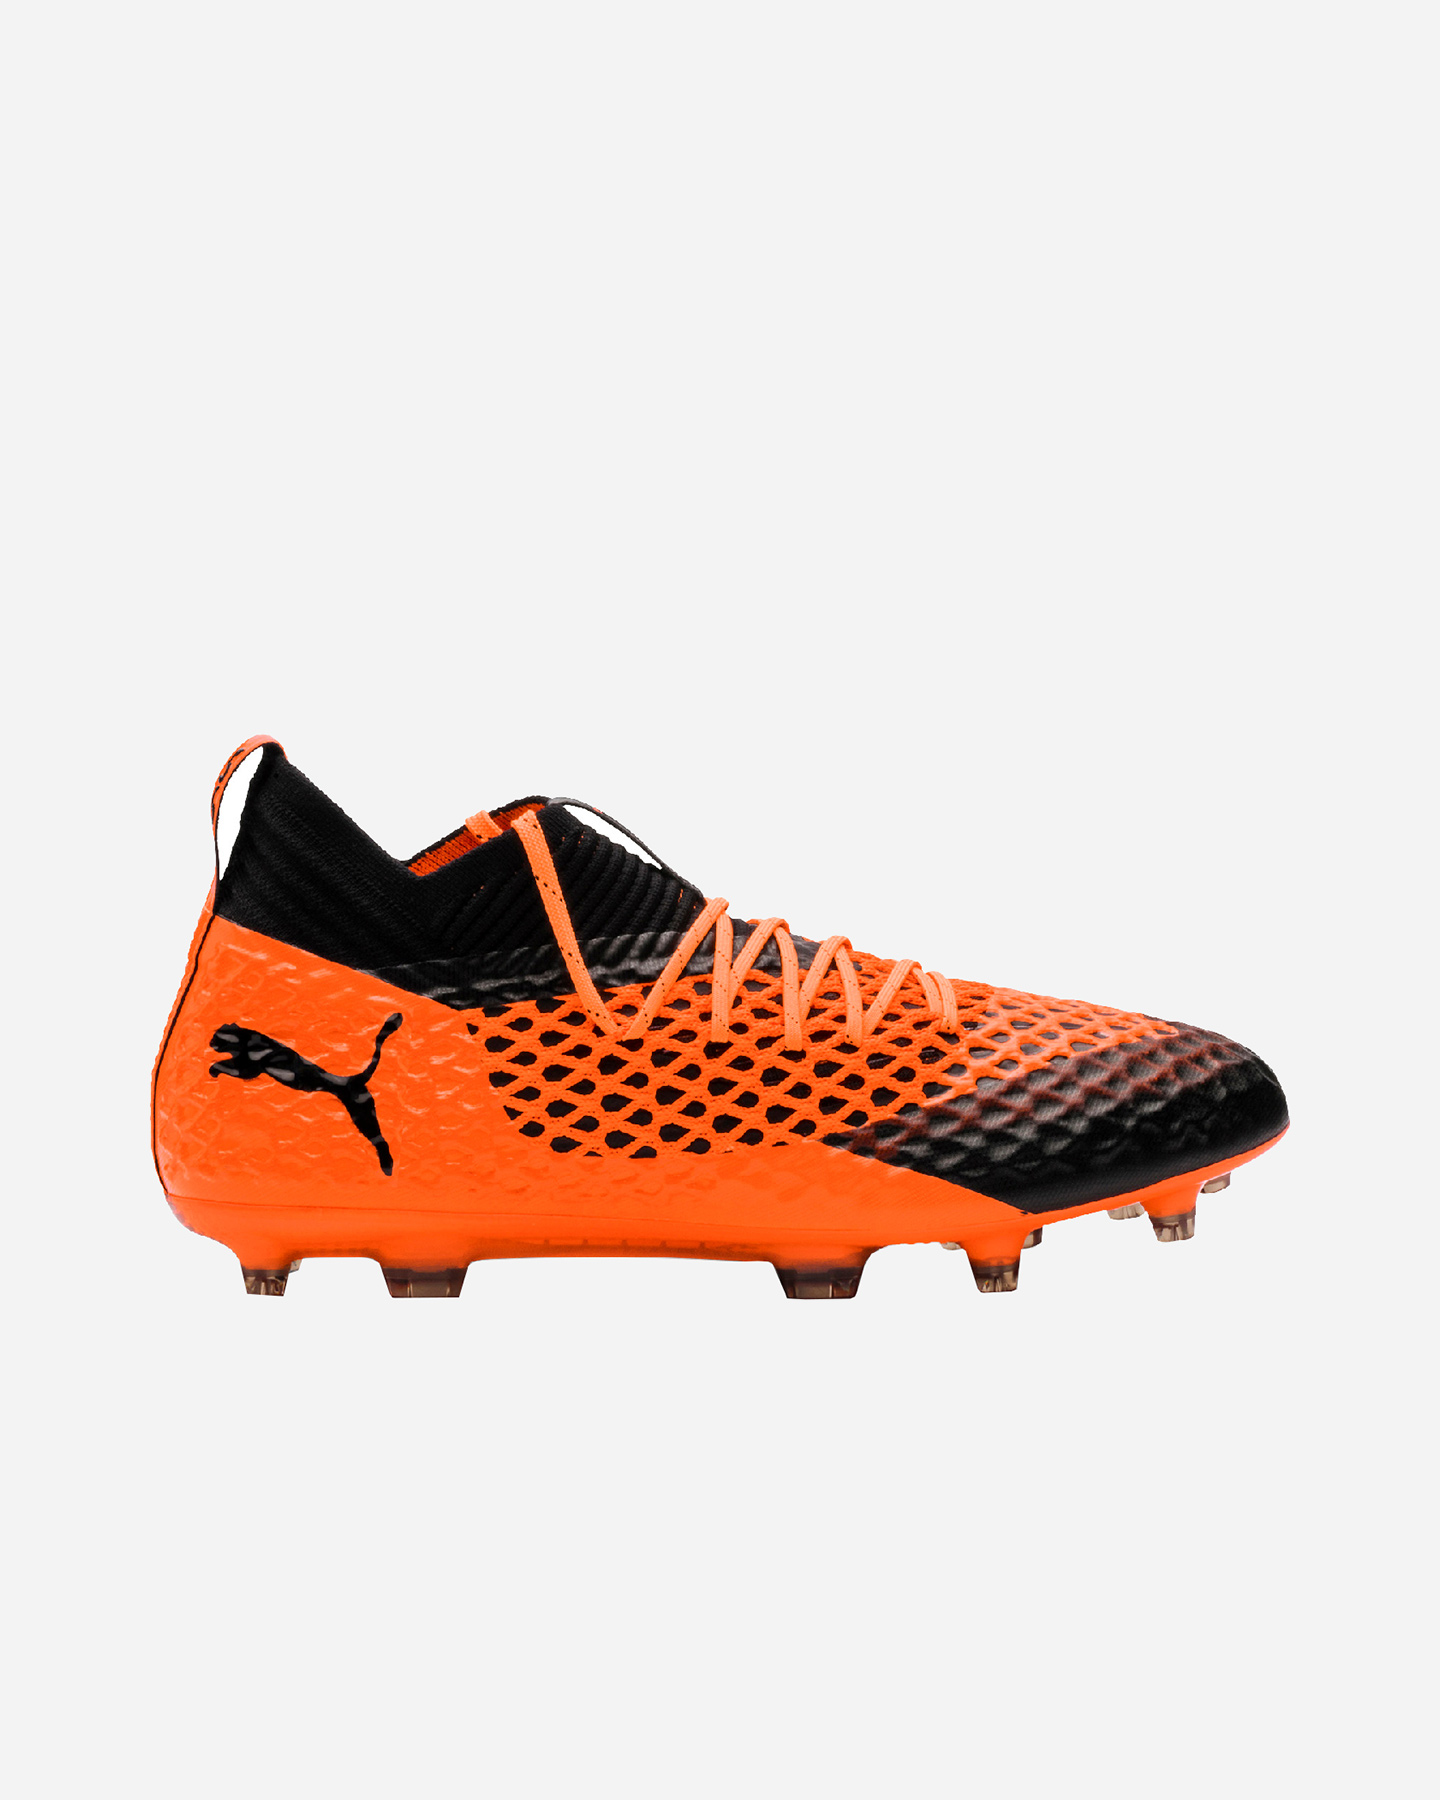 2puma scarpe calcio